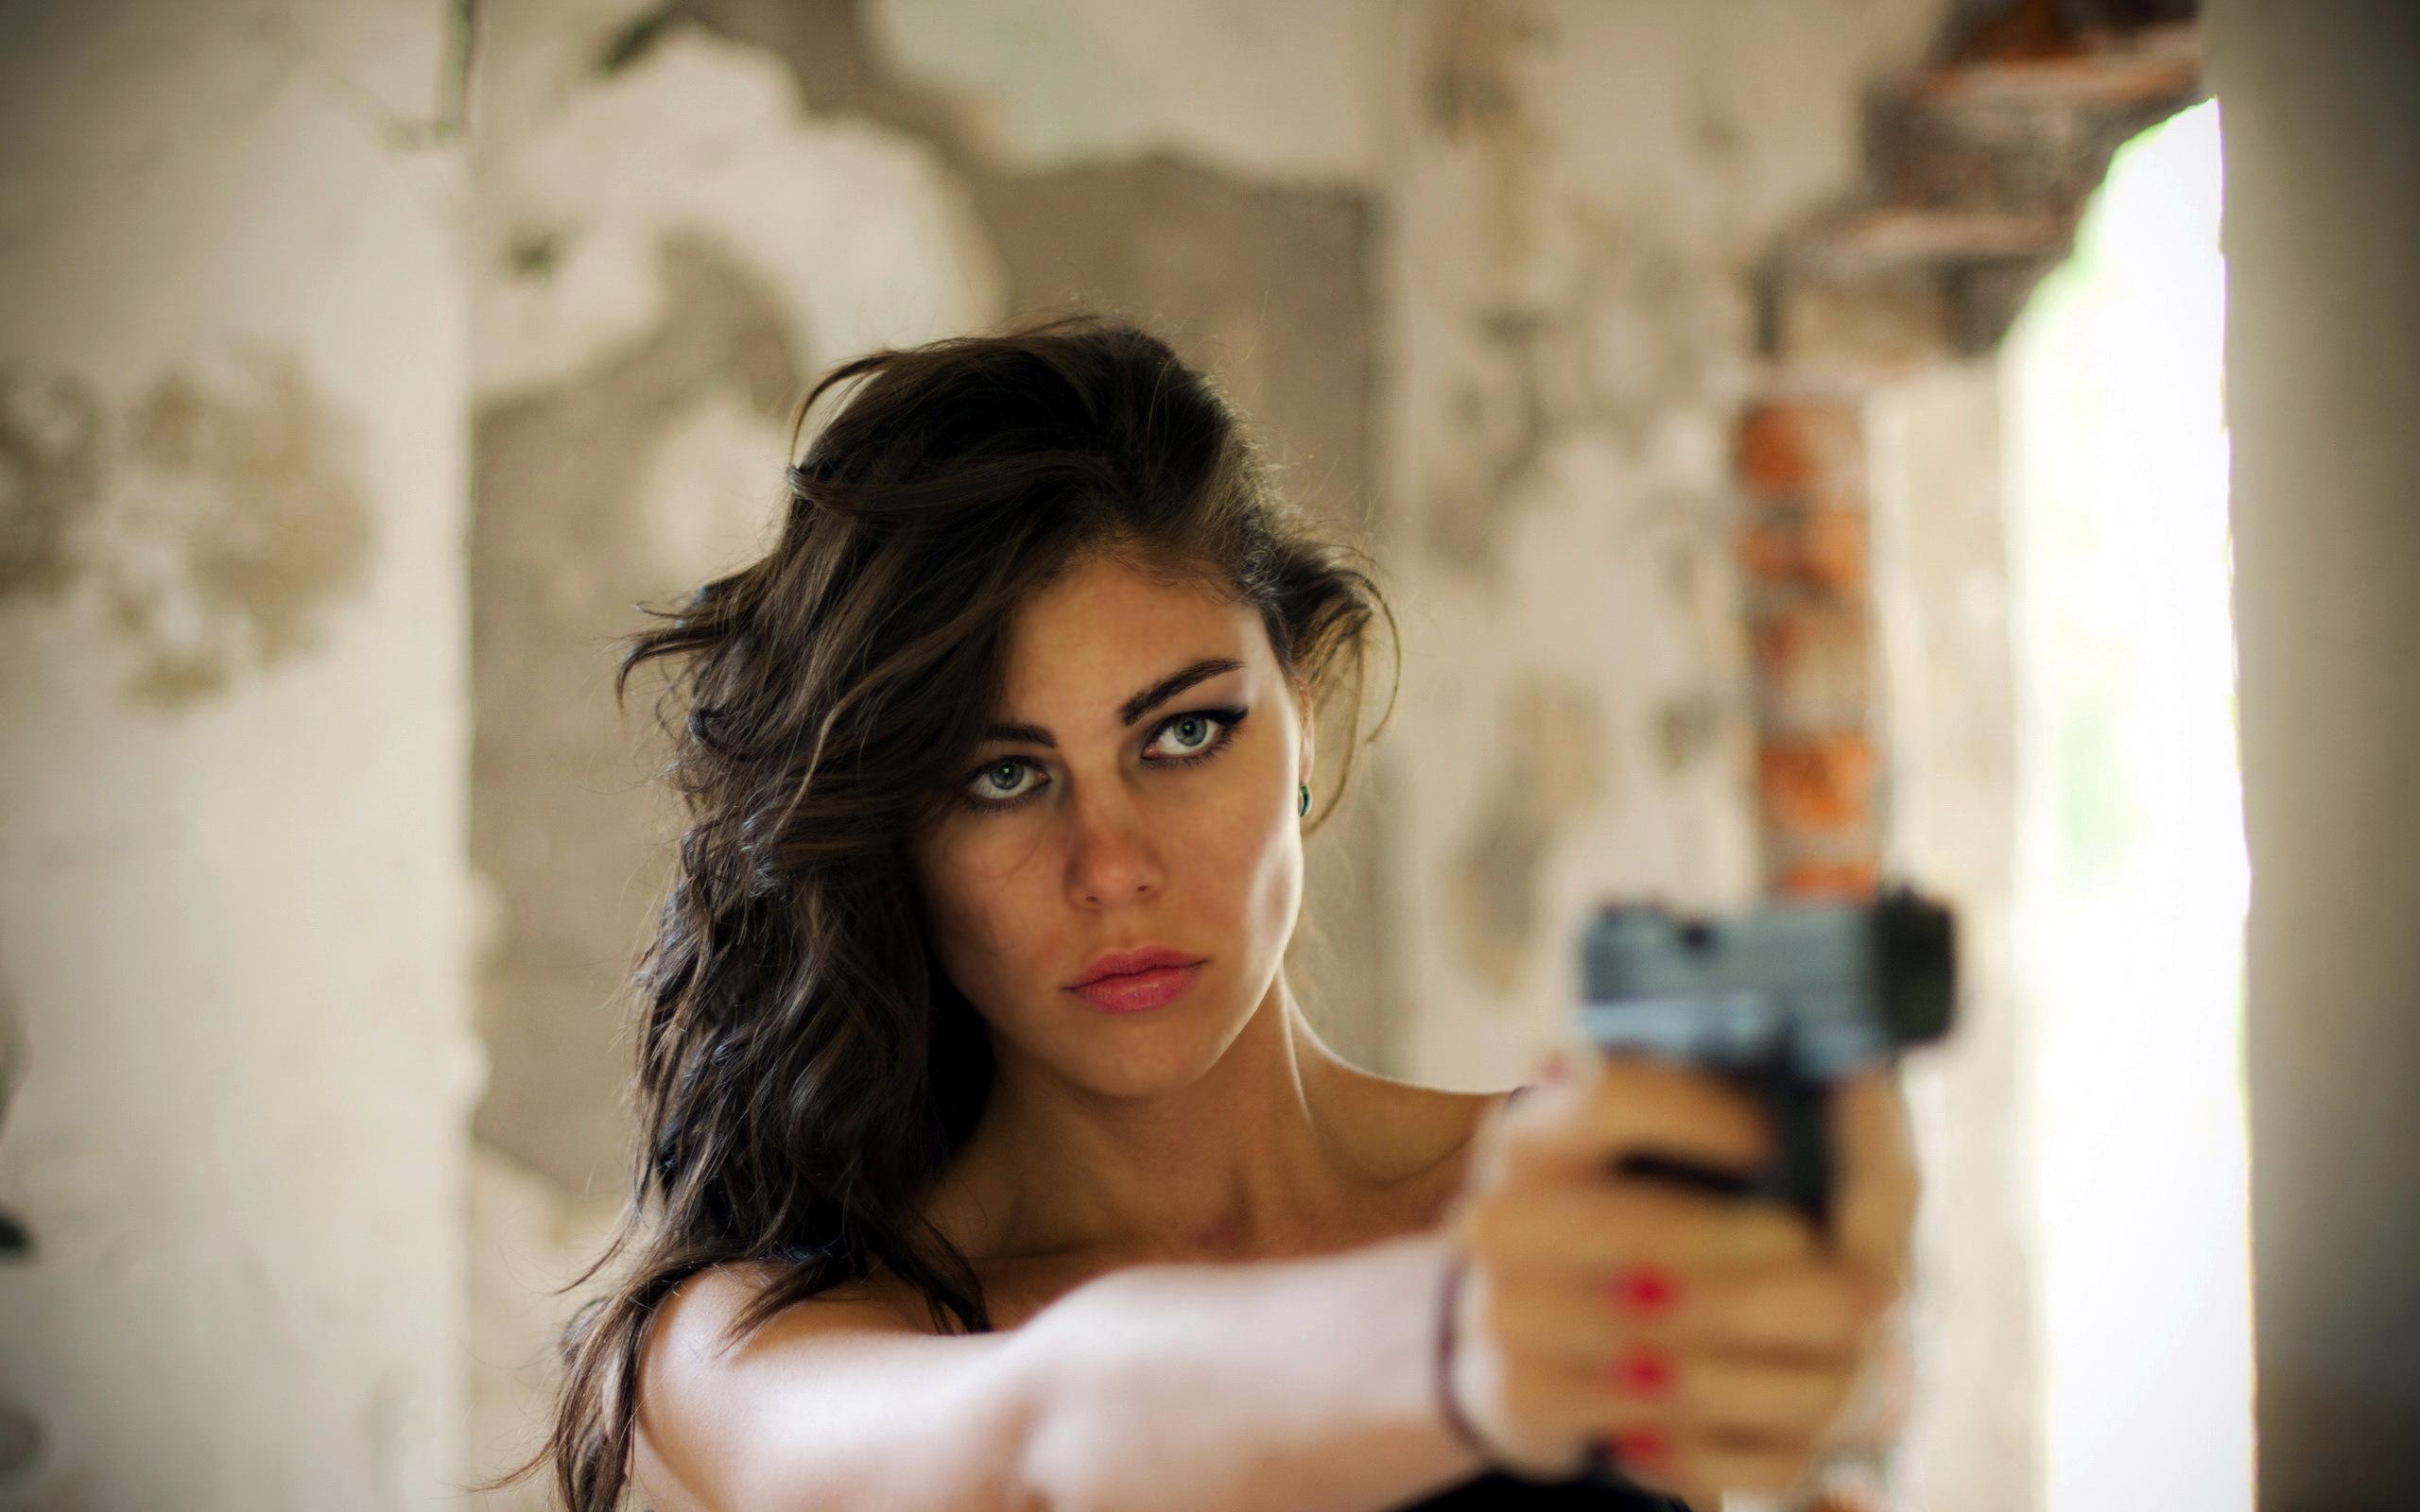 Una chica y pistola - 2560x1600